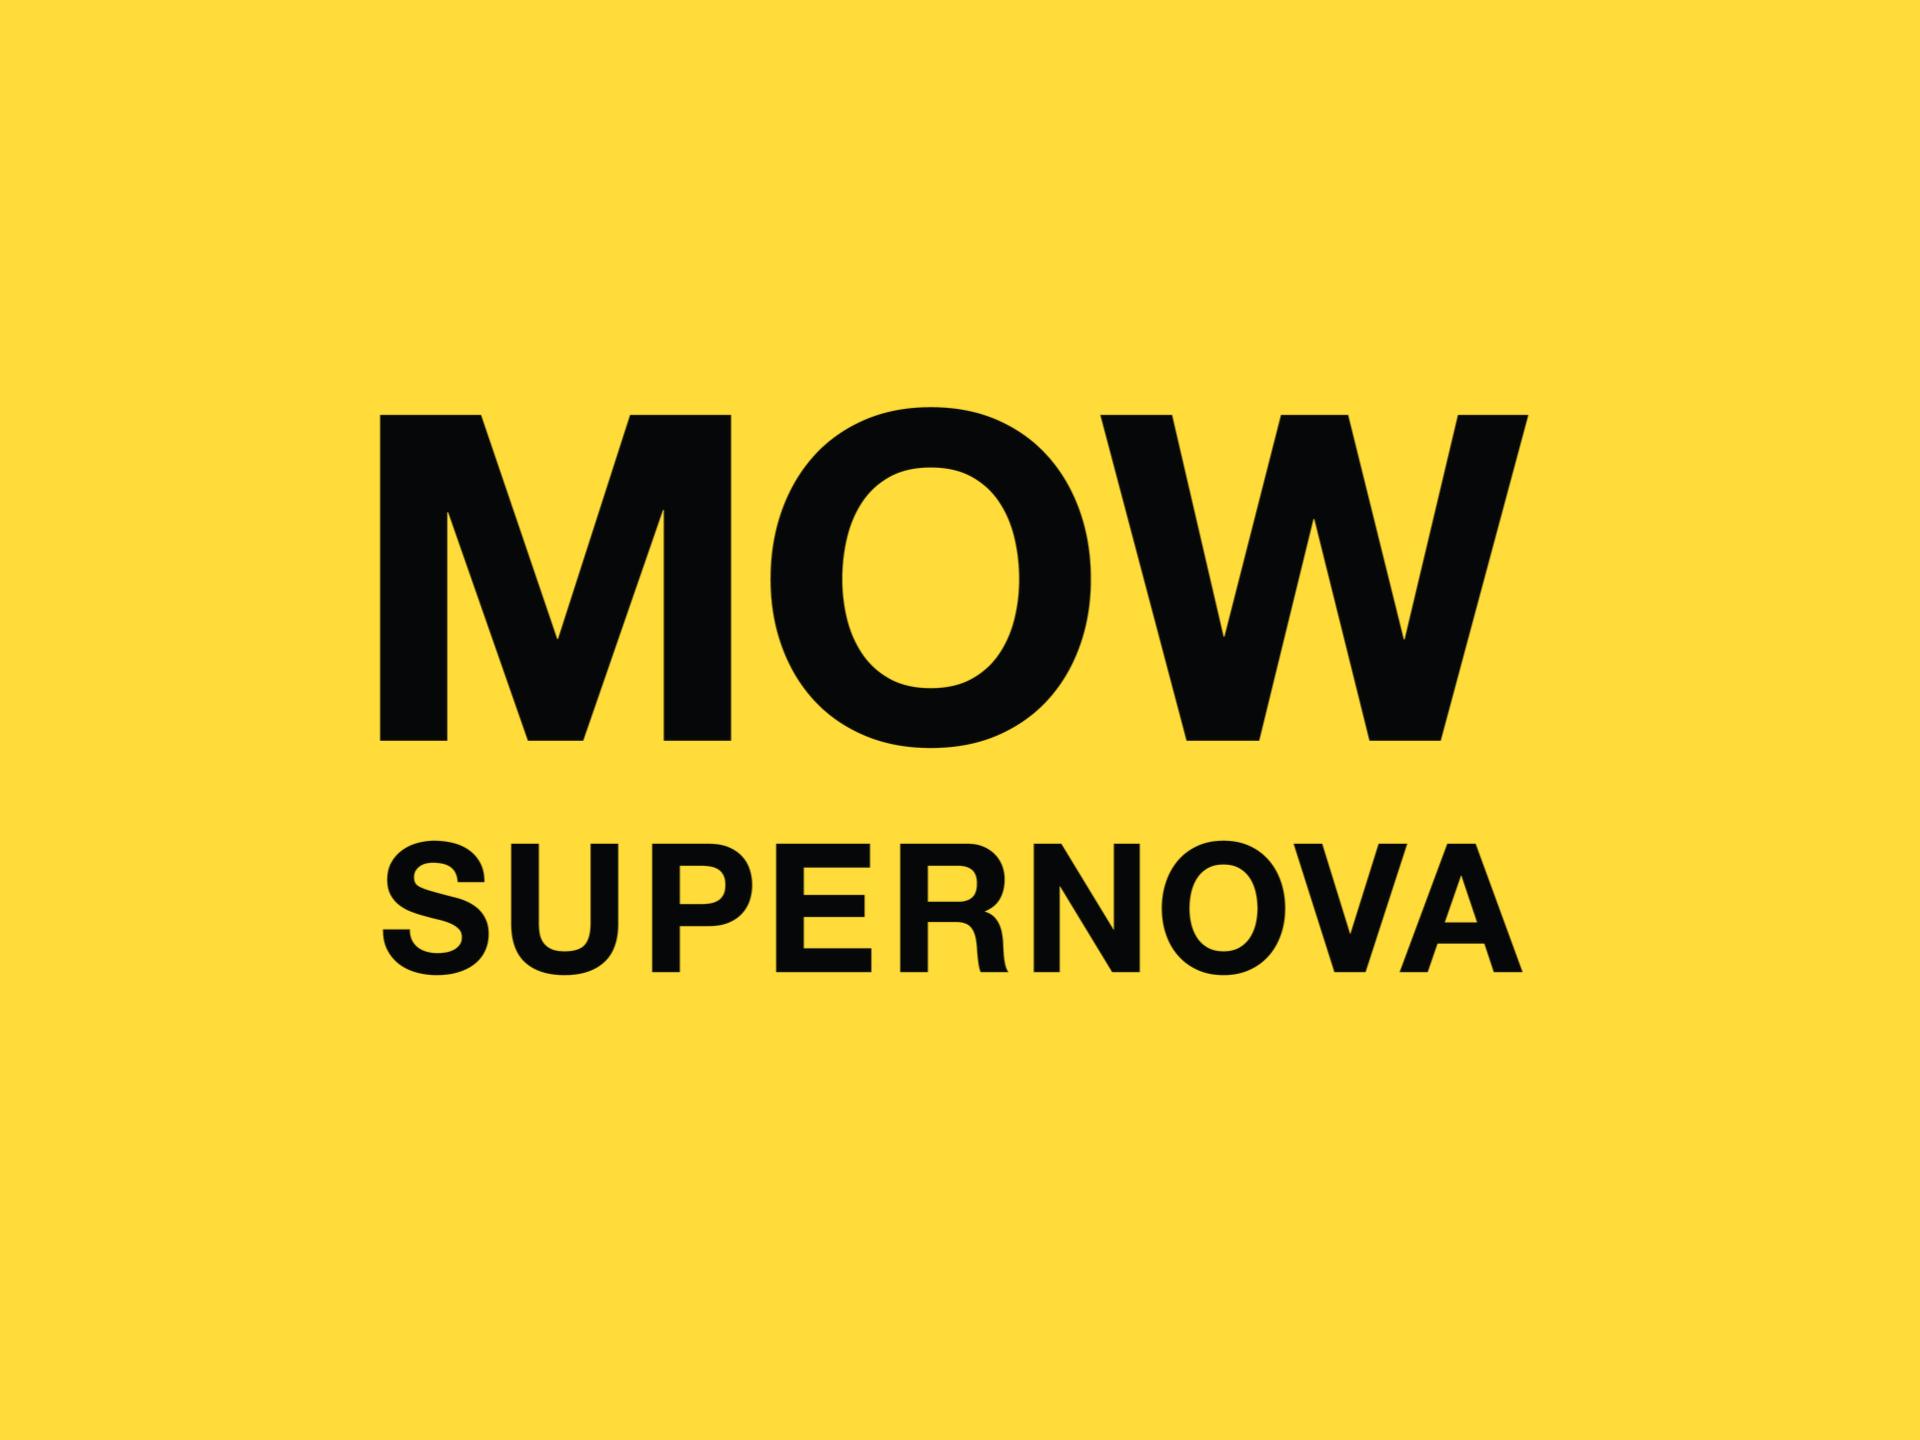 mow supernova